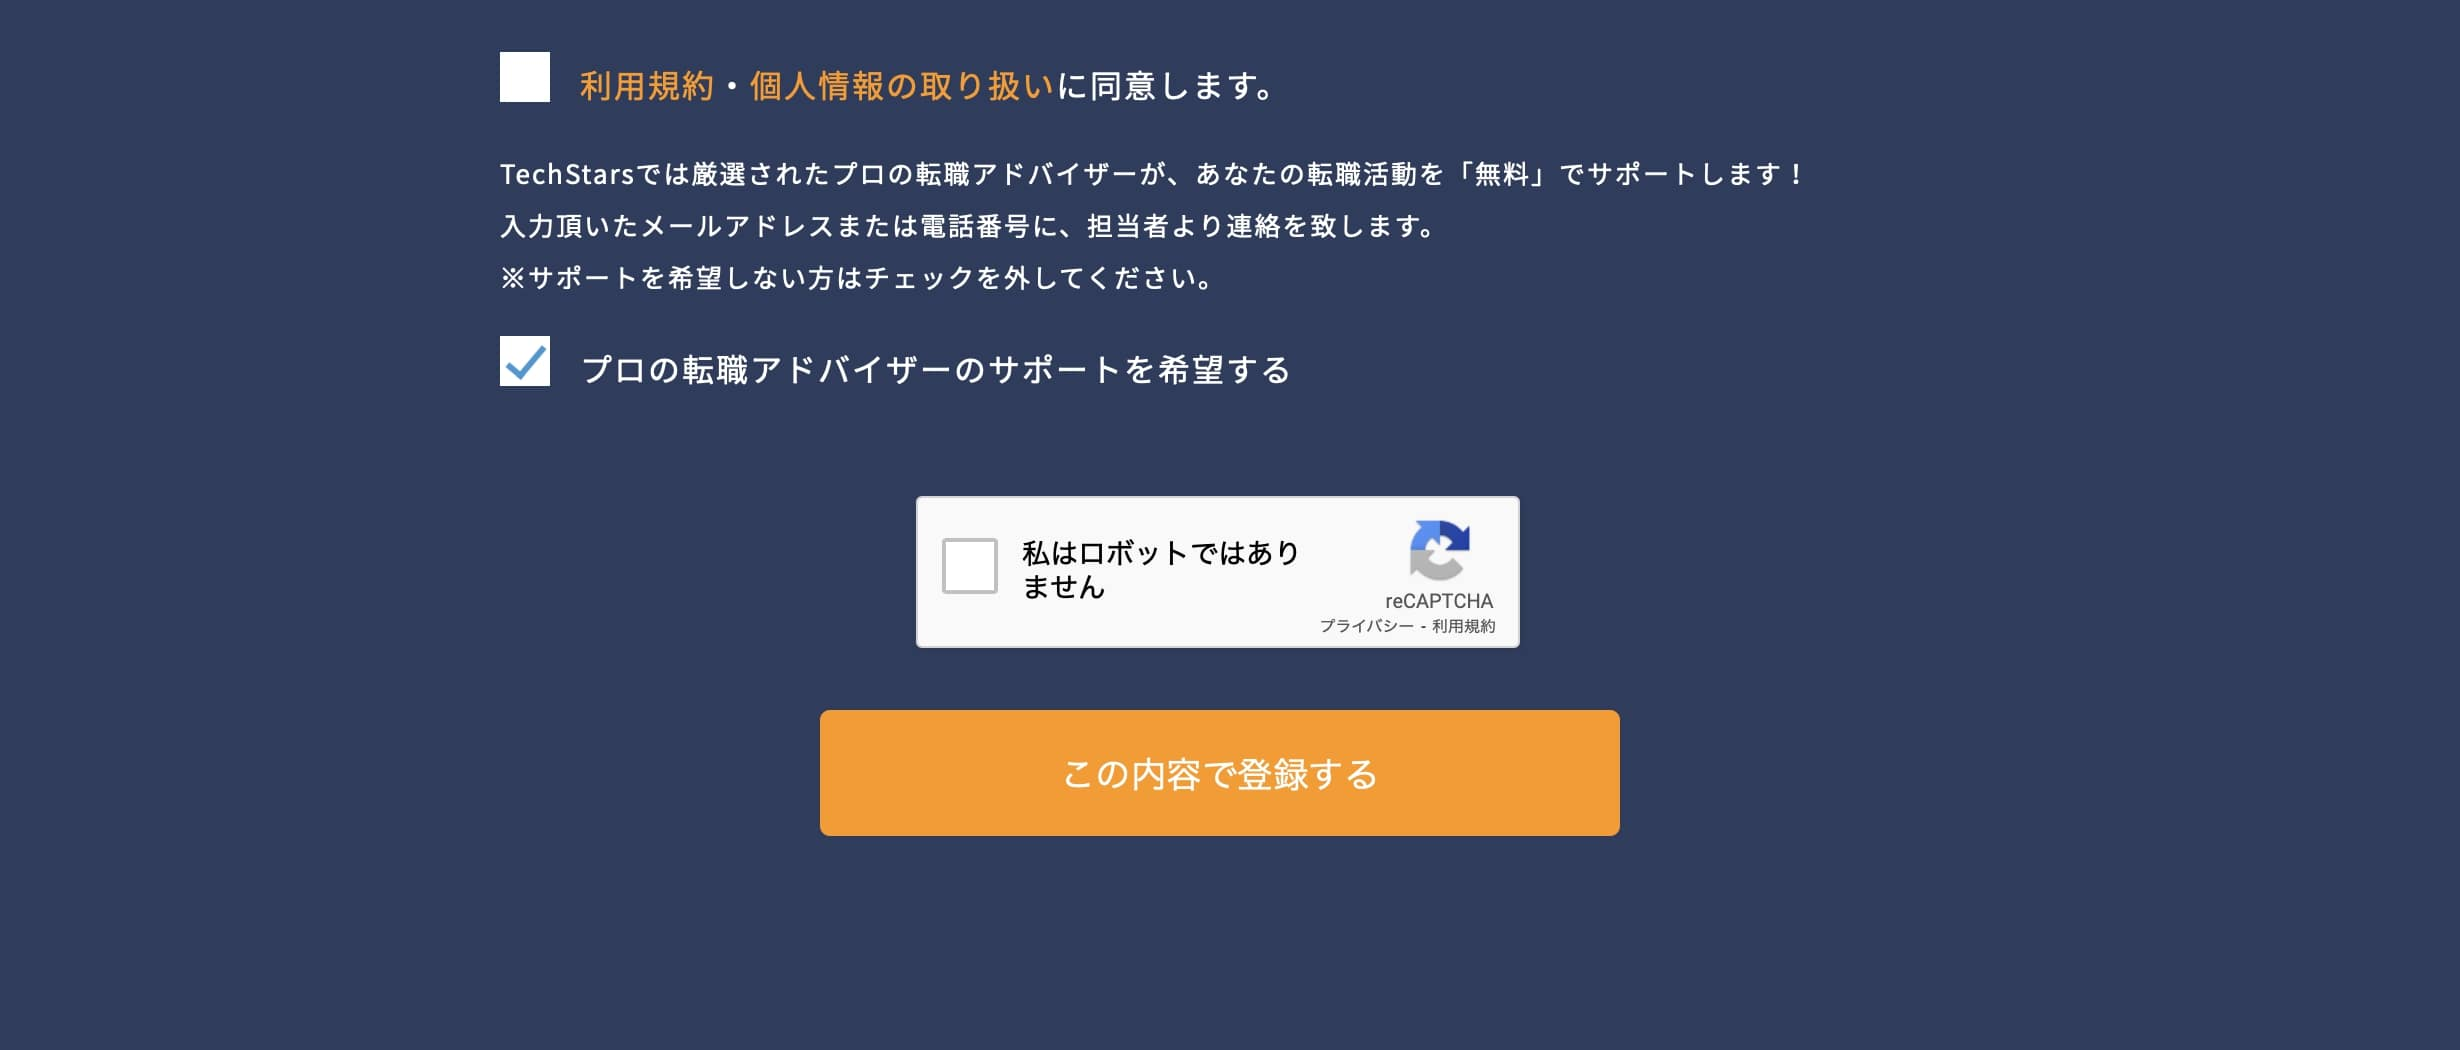 techstarsagentの応募フォームNO2